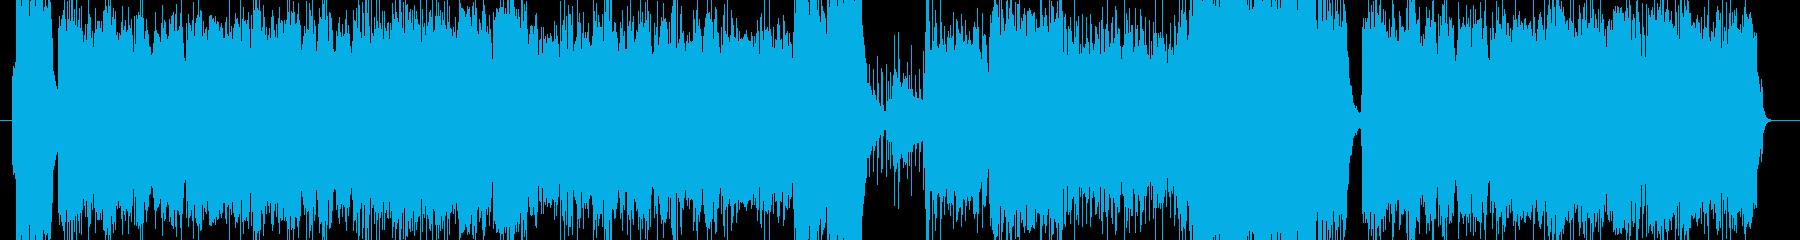 エレキギター炸裂のスピード感あるロックの再生済みの波形